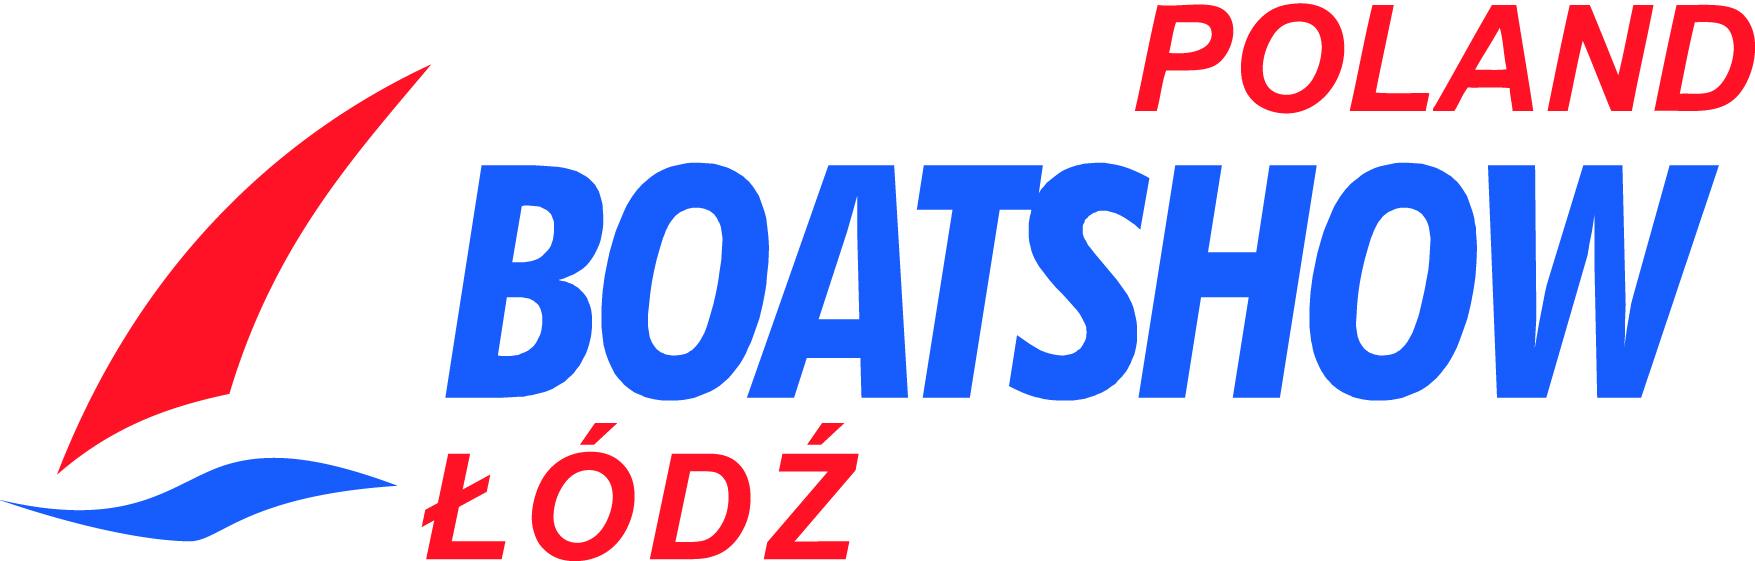 logoBoatshowwmale.JPG